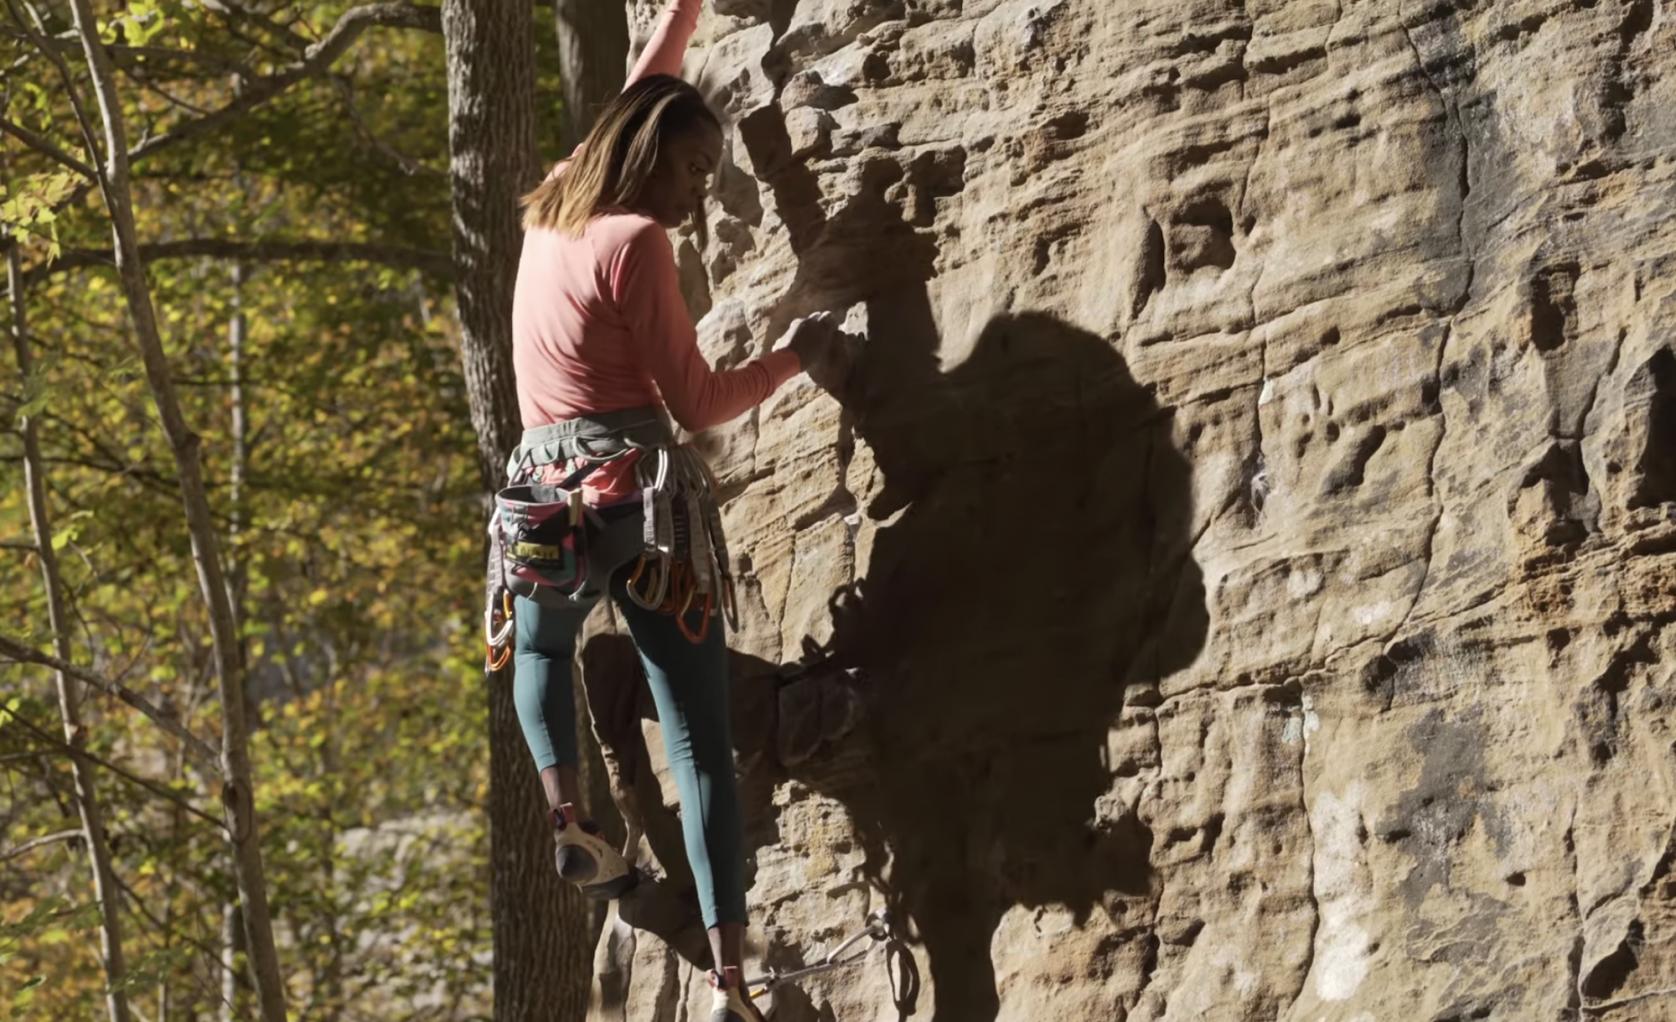 sabrina chapman climbing